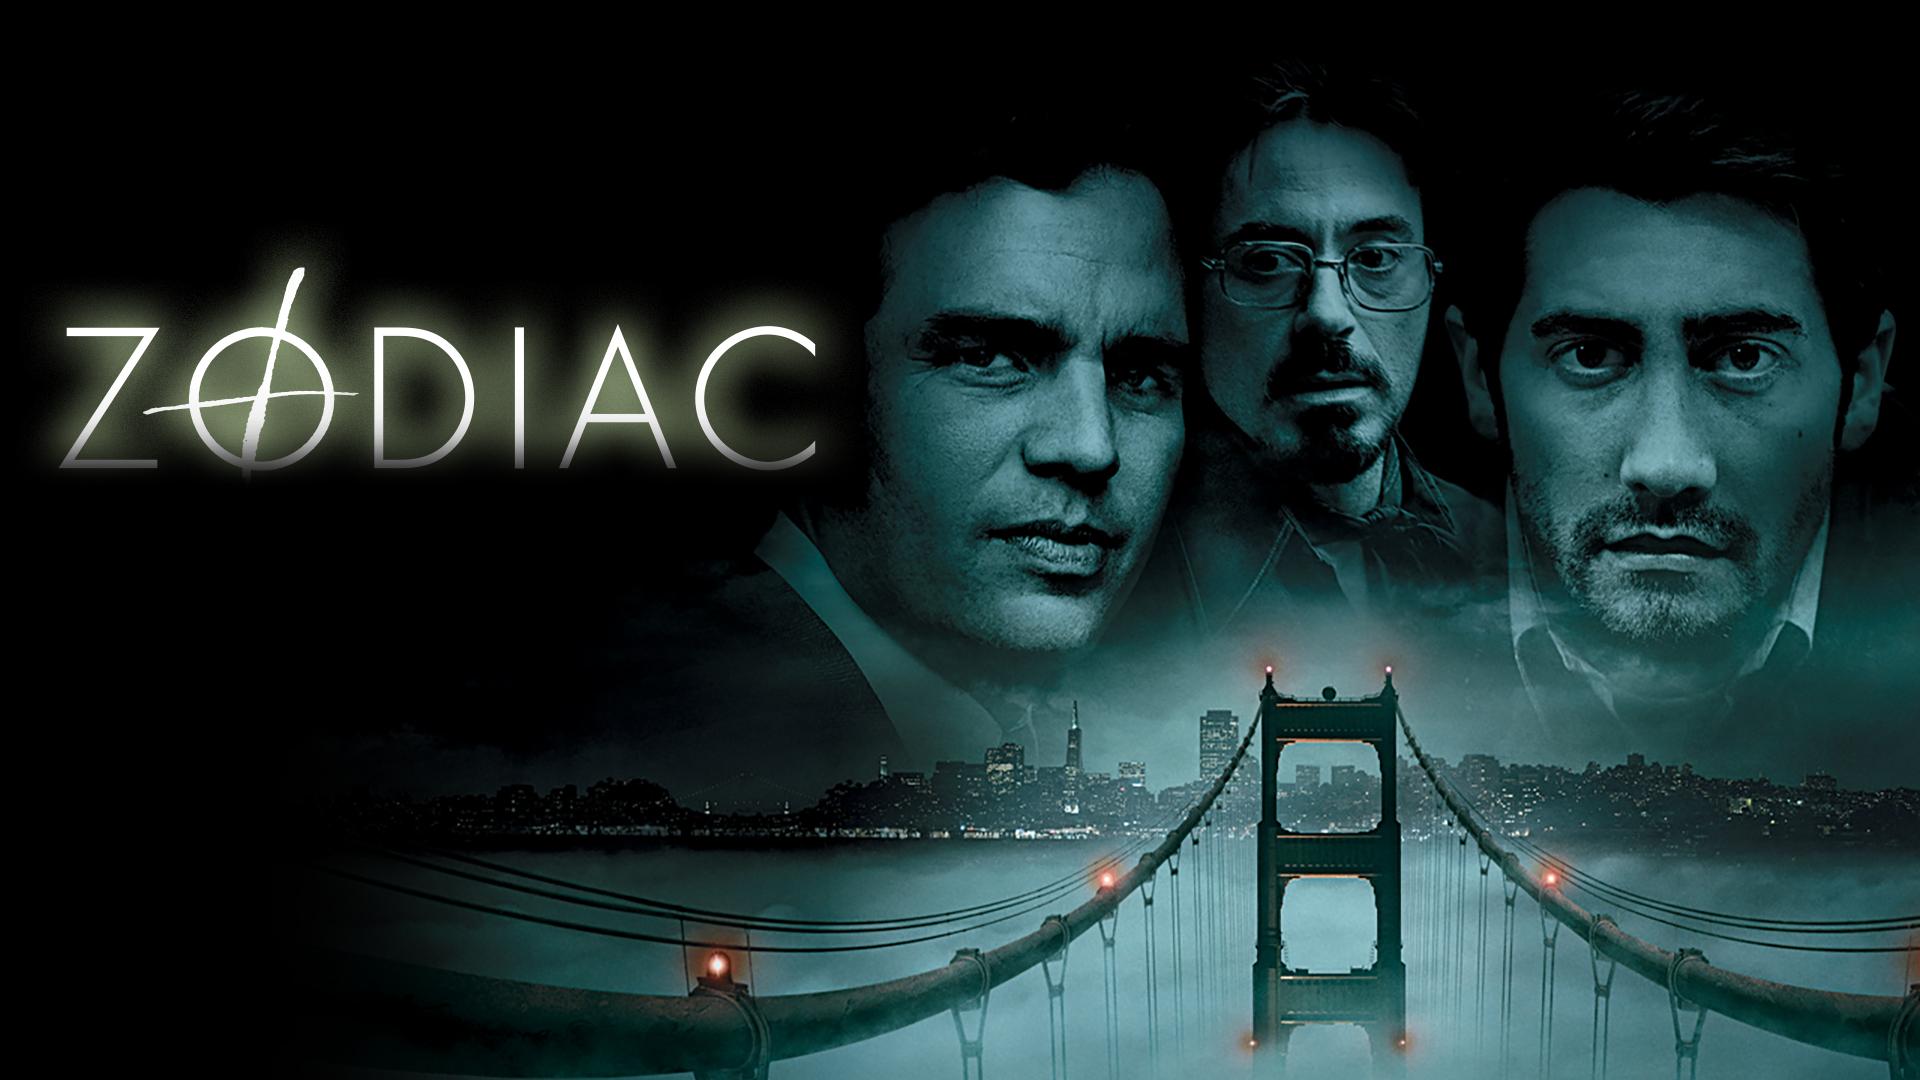 Watch Zodiac Prime Video